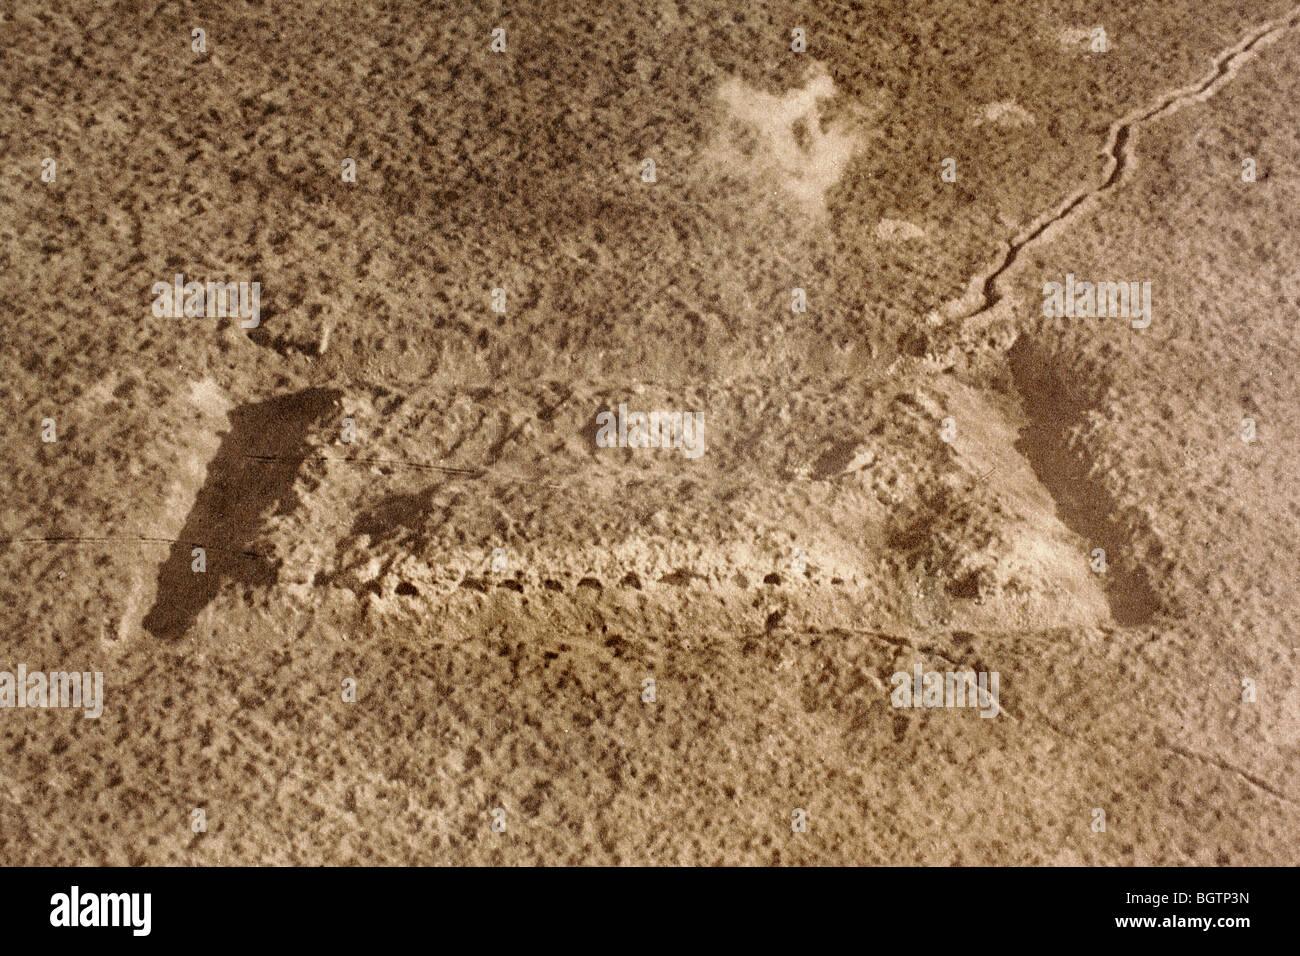 Luftbild zeigt Status des Fort de Vaux, Verdun, nach langwierigen Artillerie-Beschuss im Jahre 1916. Stockbild